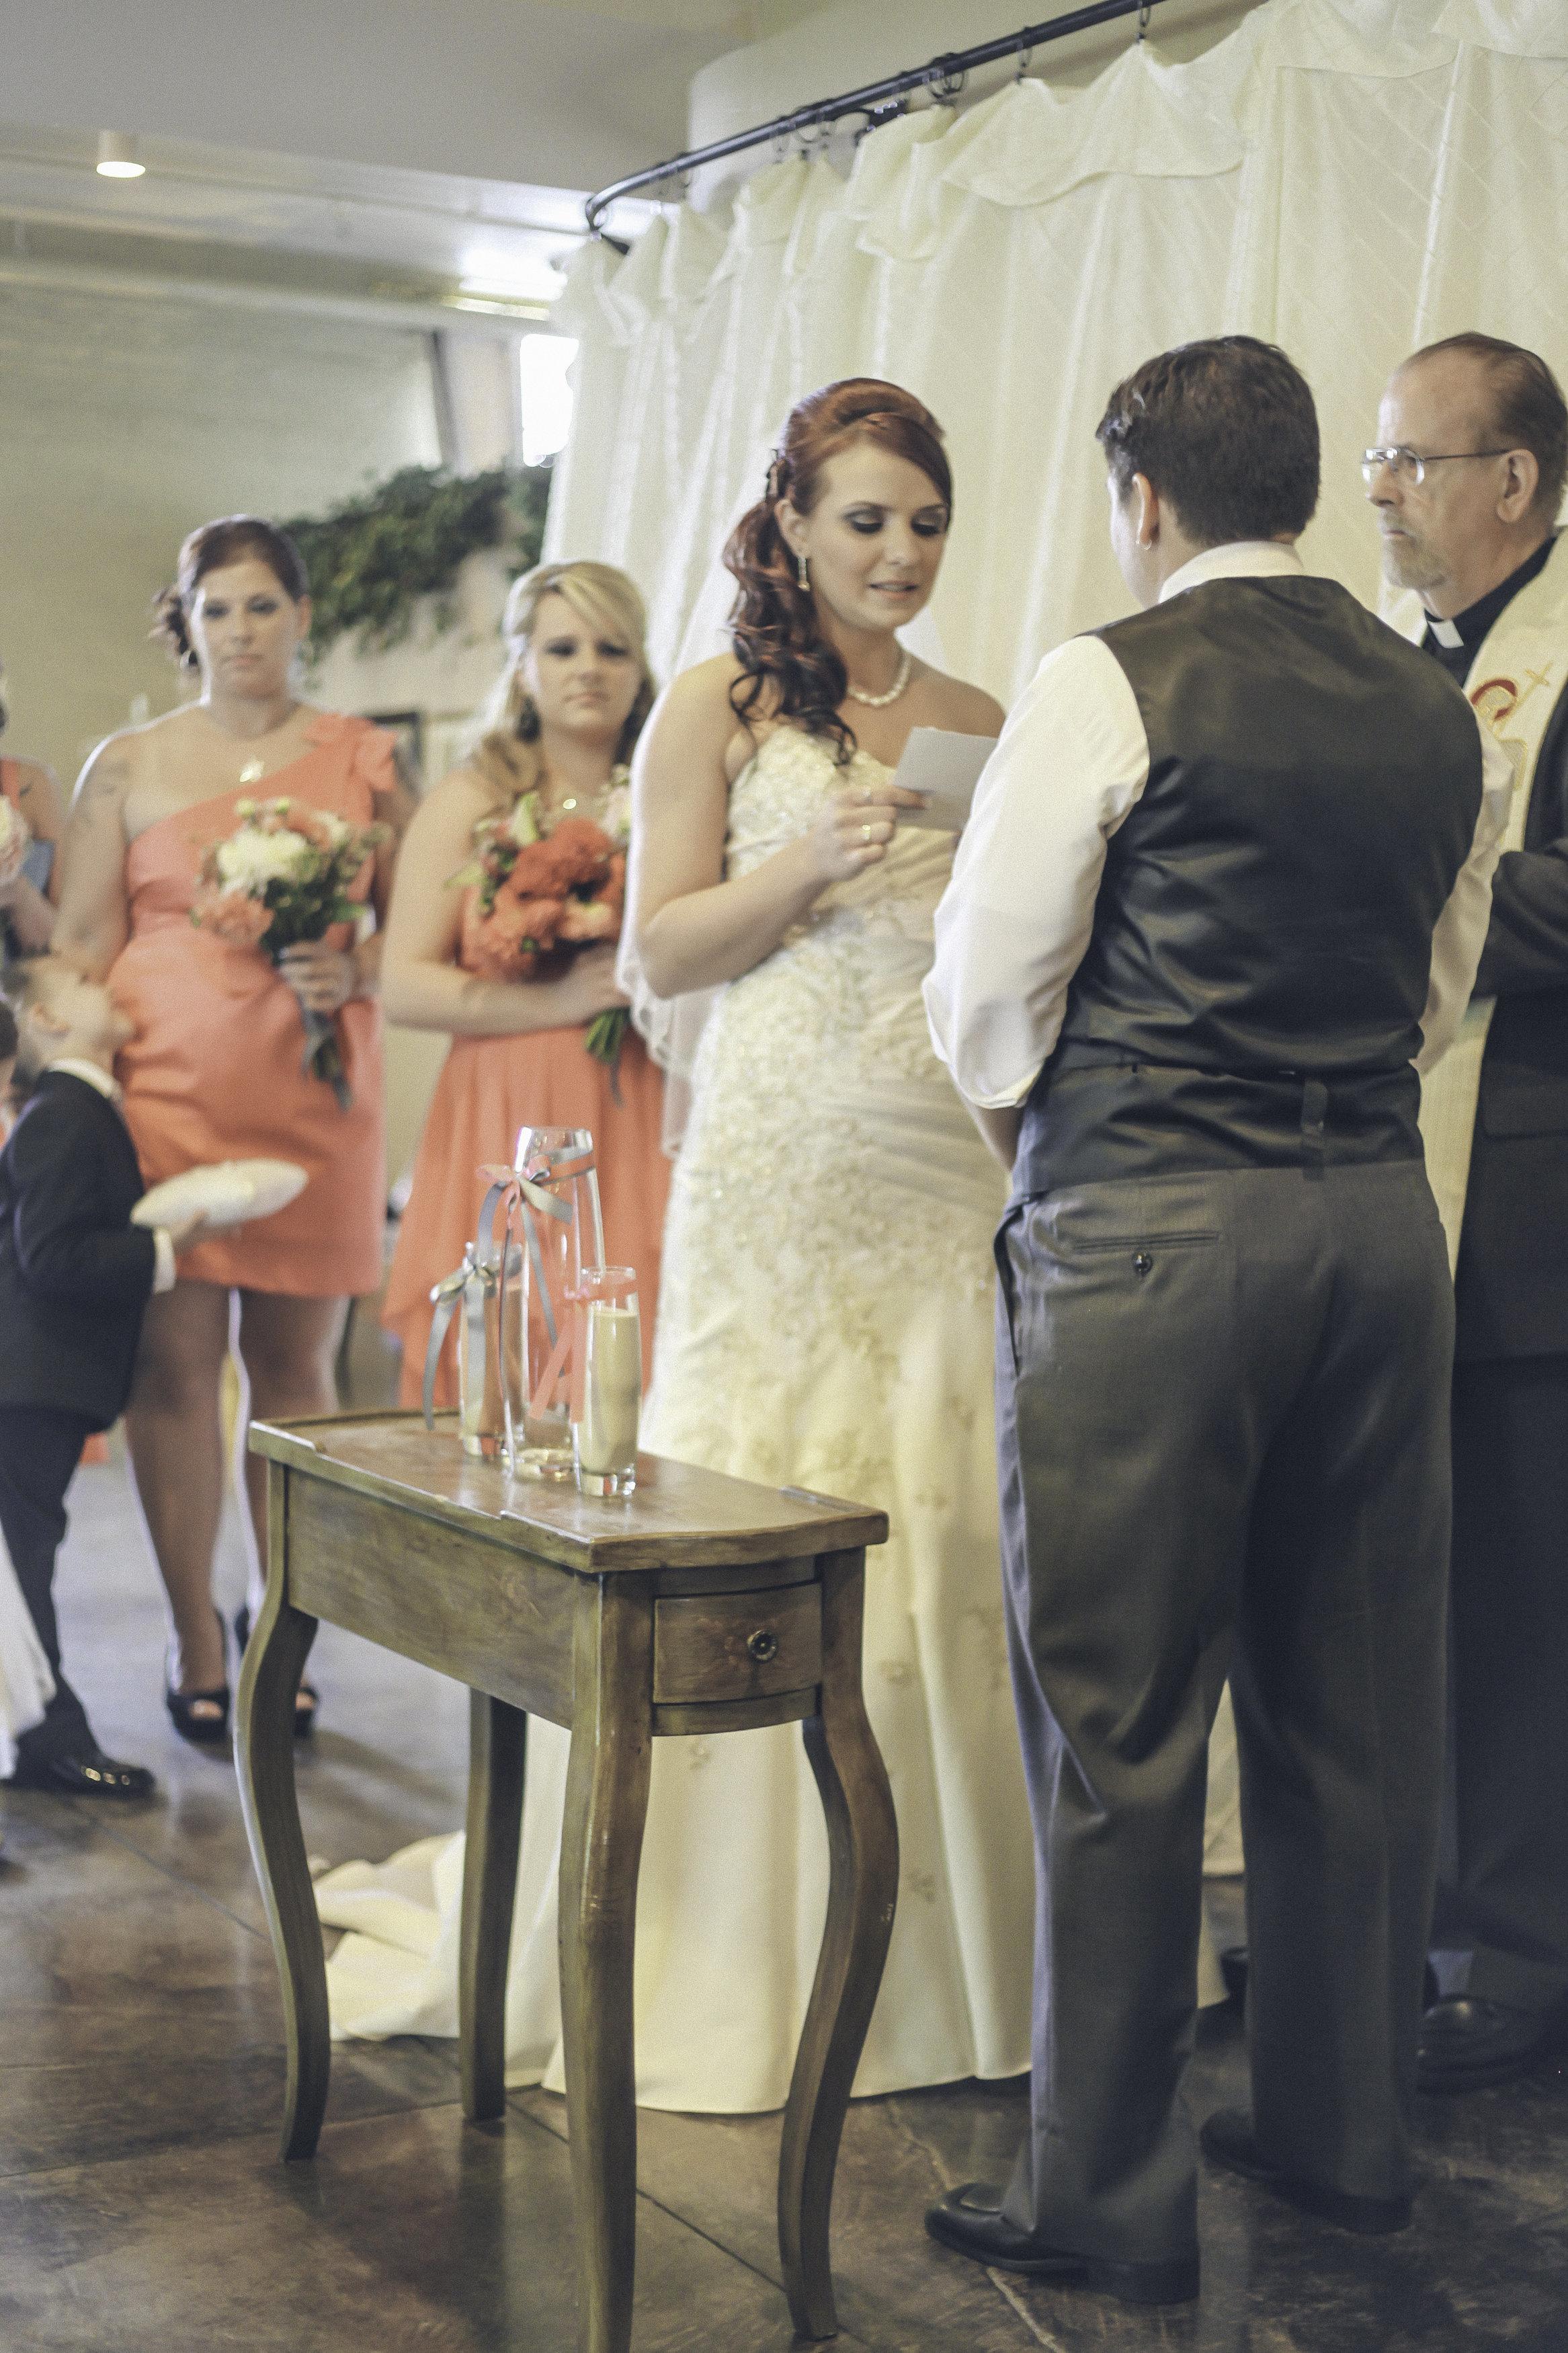 Devon Sara Married-Devon Sara-0145.jpg